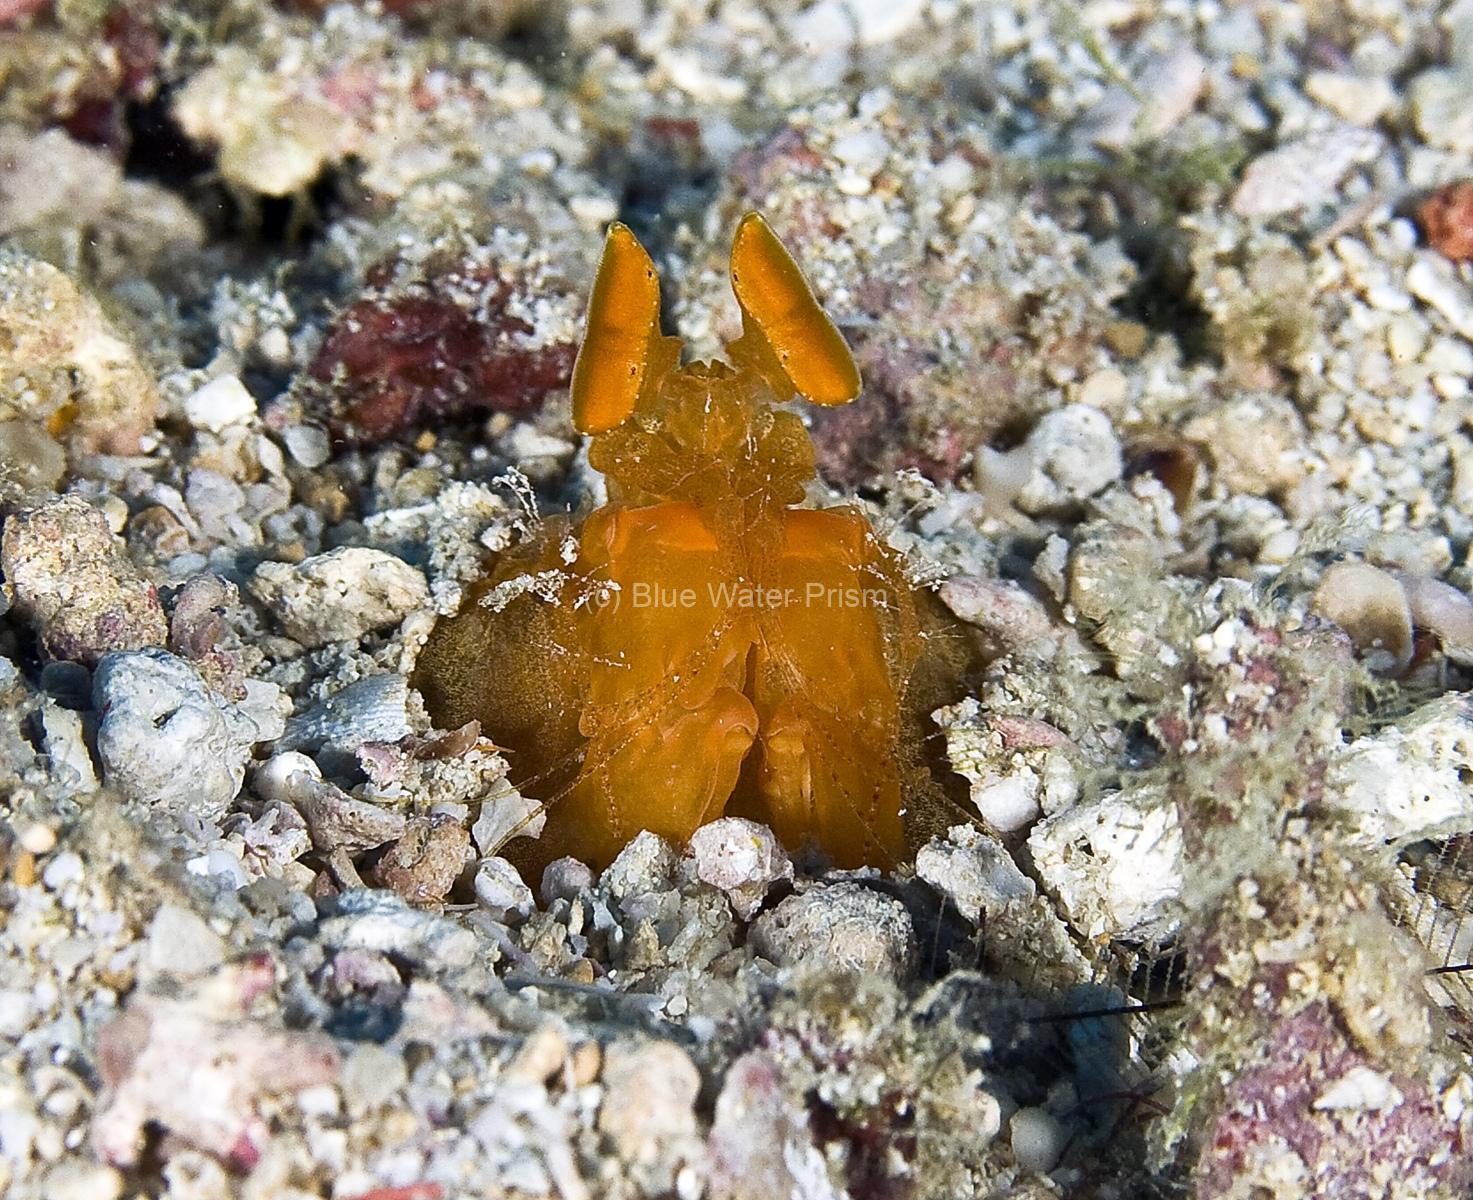 Fiji mantis shrimp